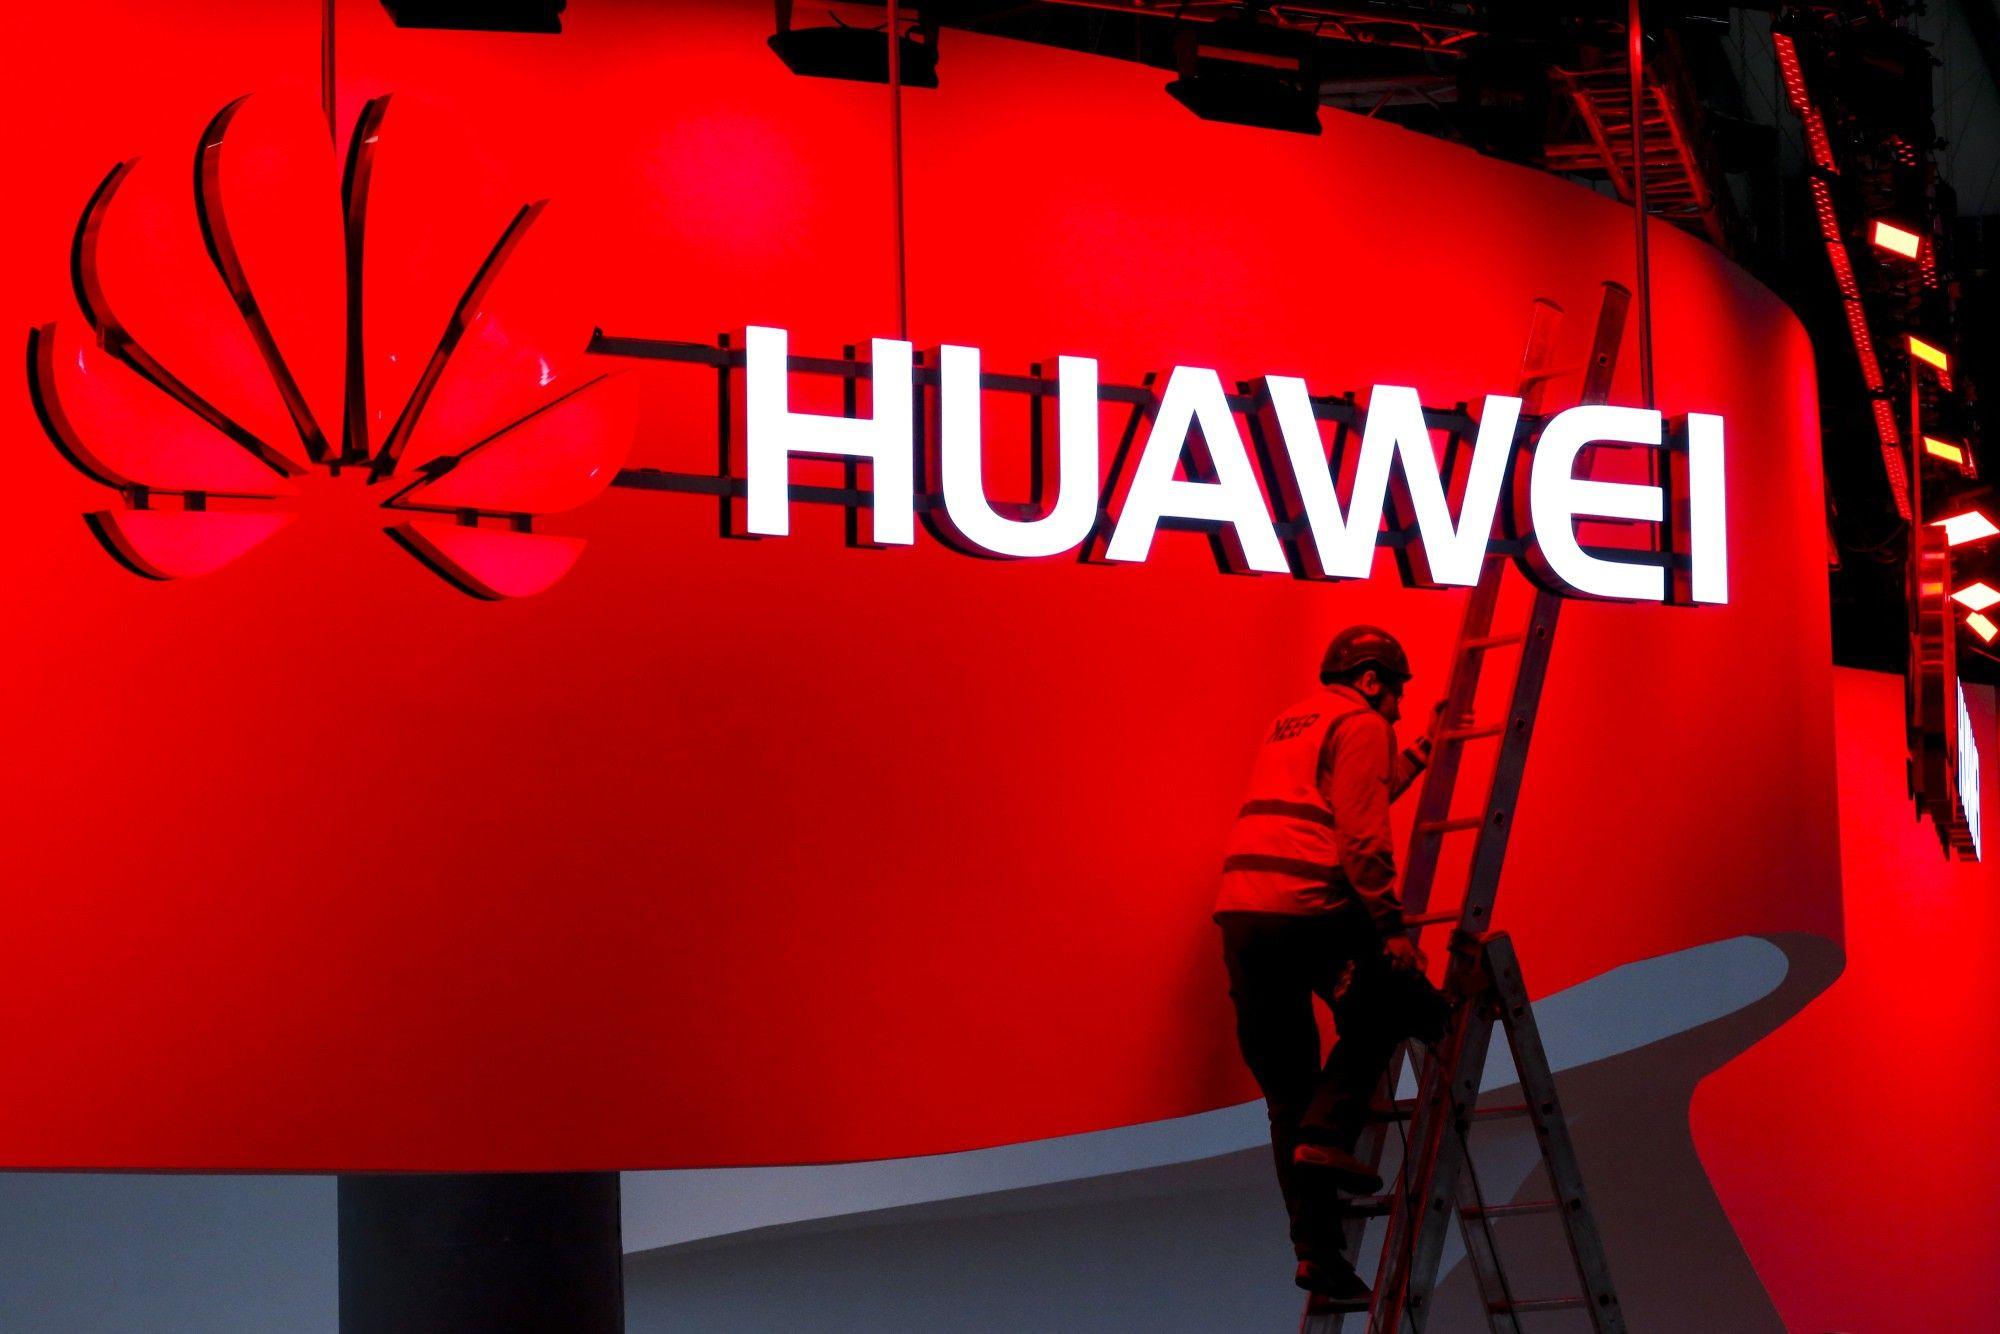 Huawei juega a la ofensiva para ganar adeptos contra EE.UU.